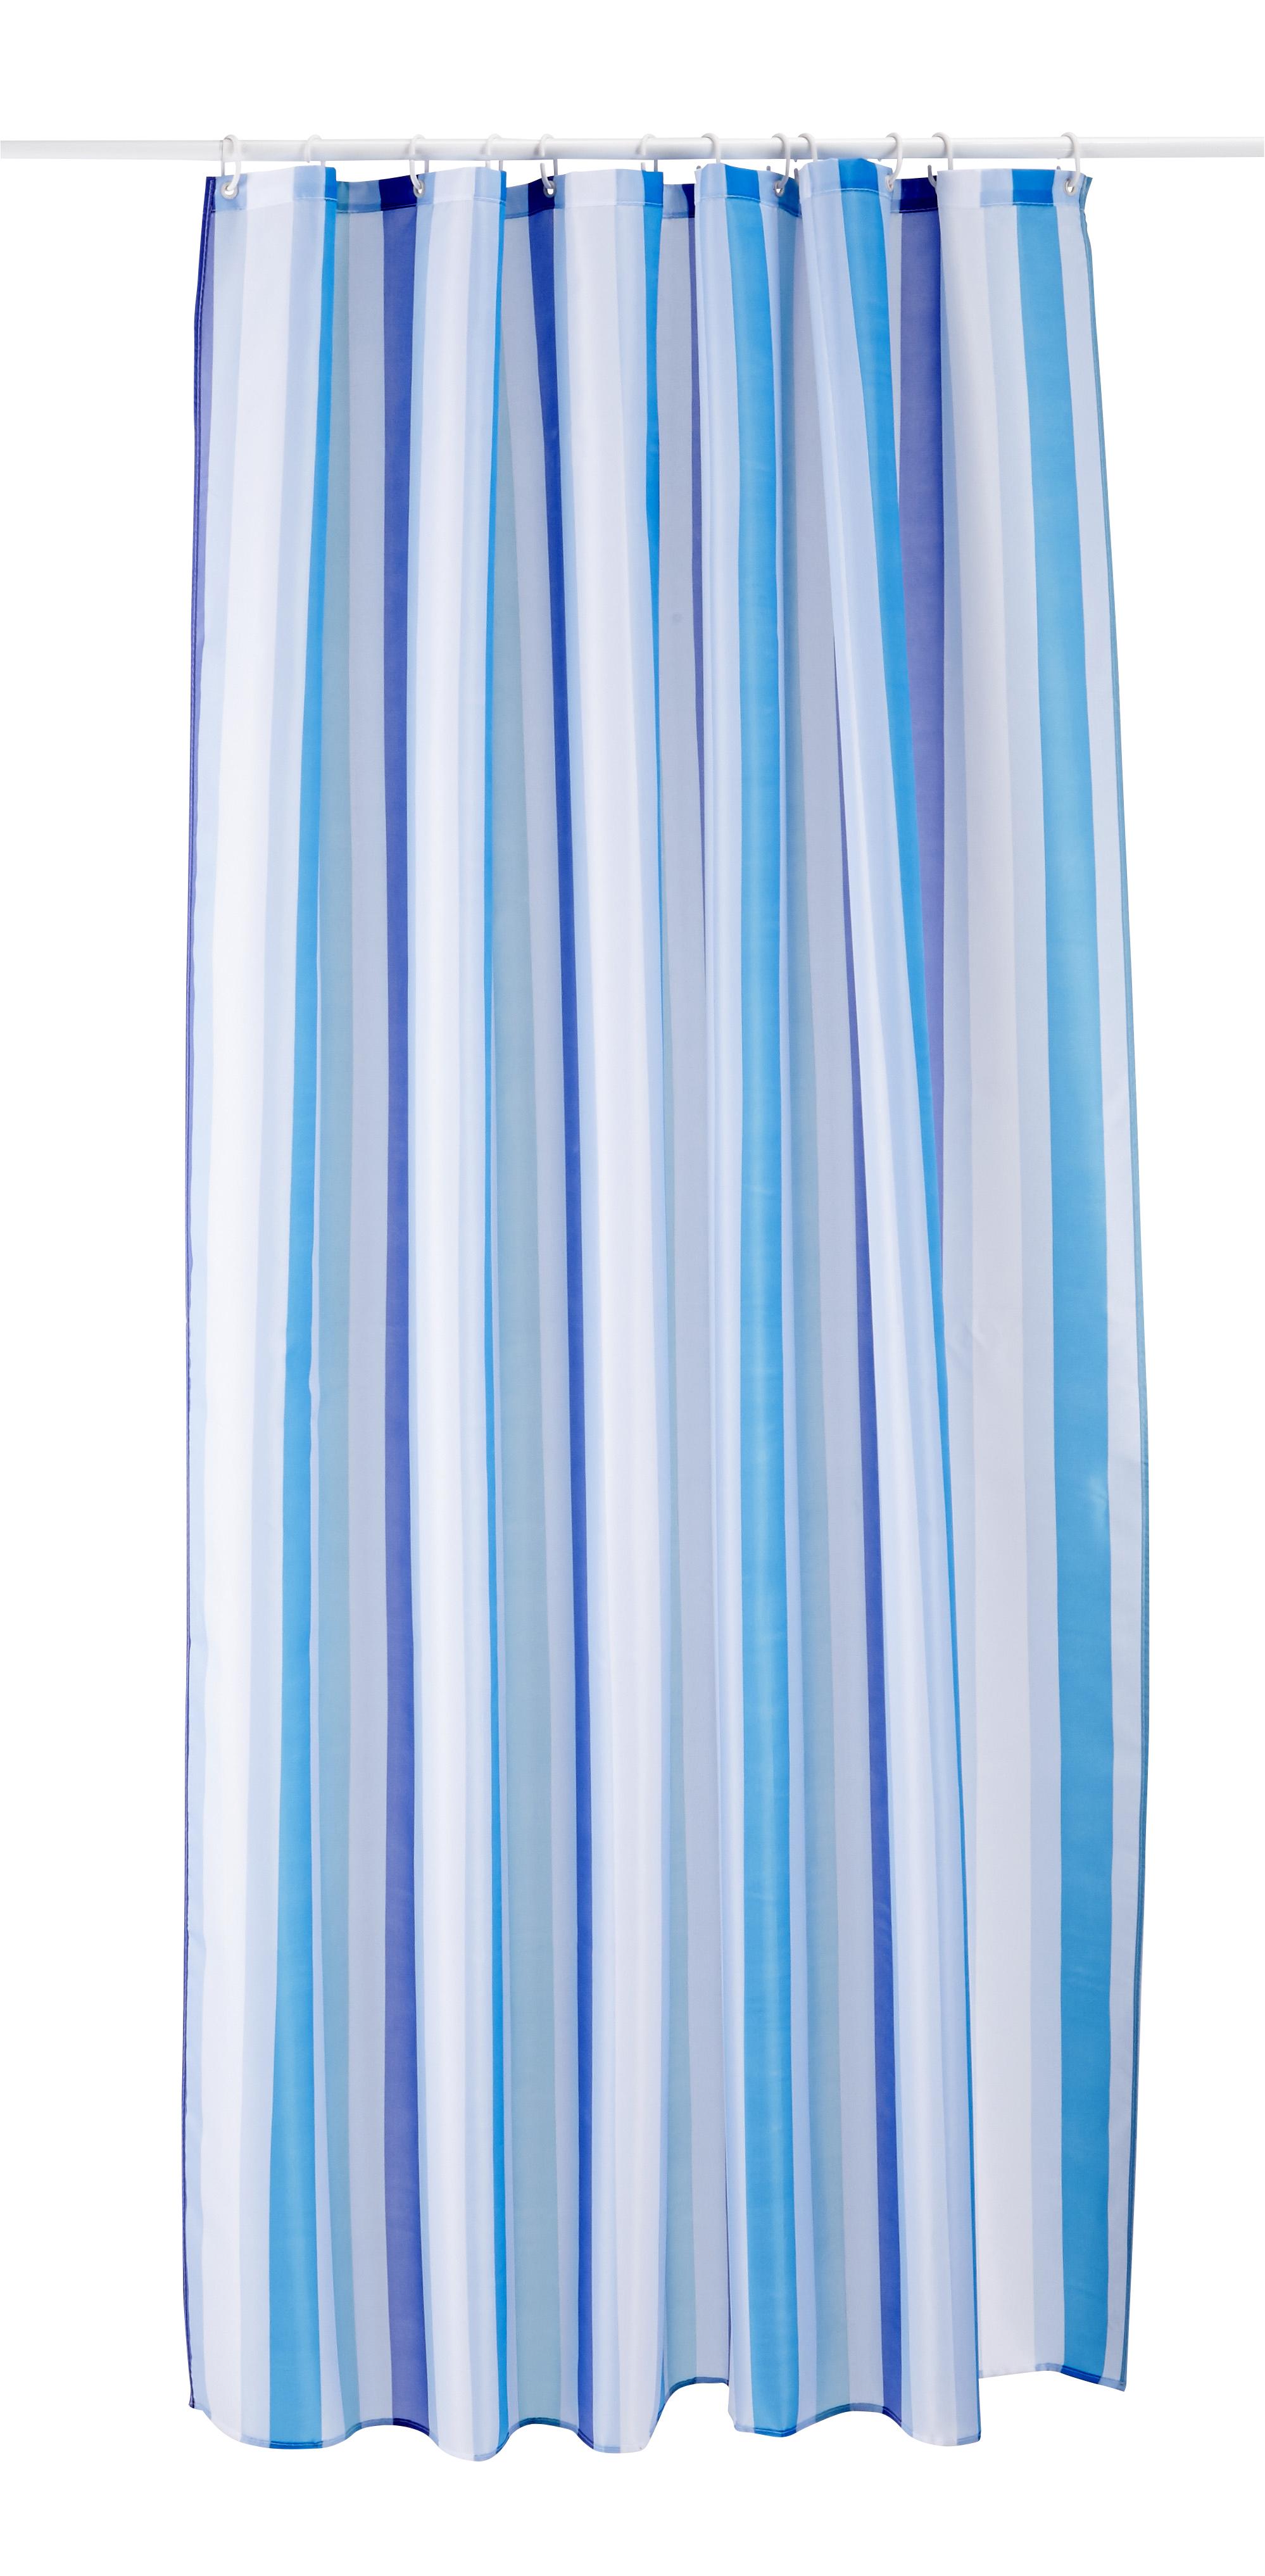 CARREFOUR HOME - Rideau de douche tissu - 180x200 cm - Bleu rayé ...